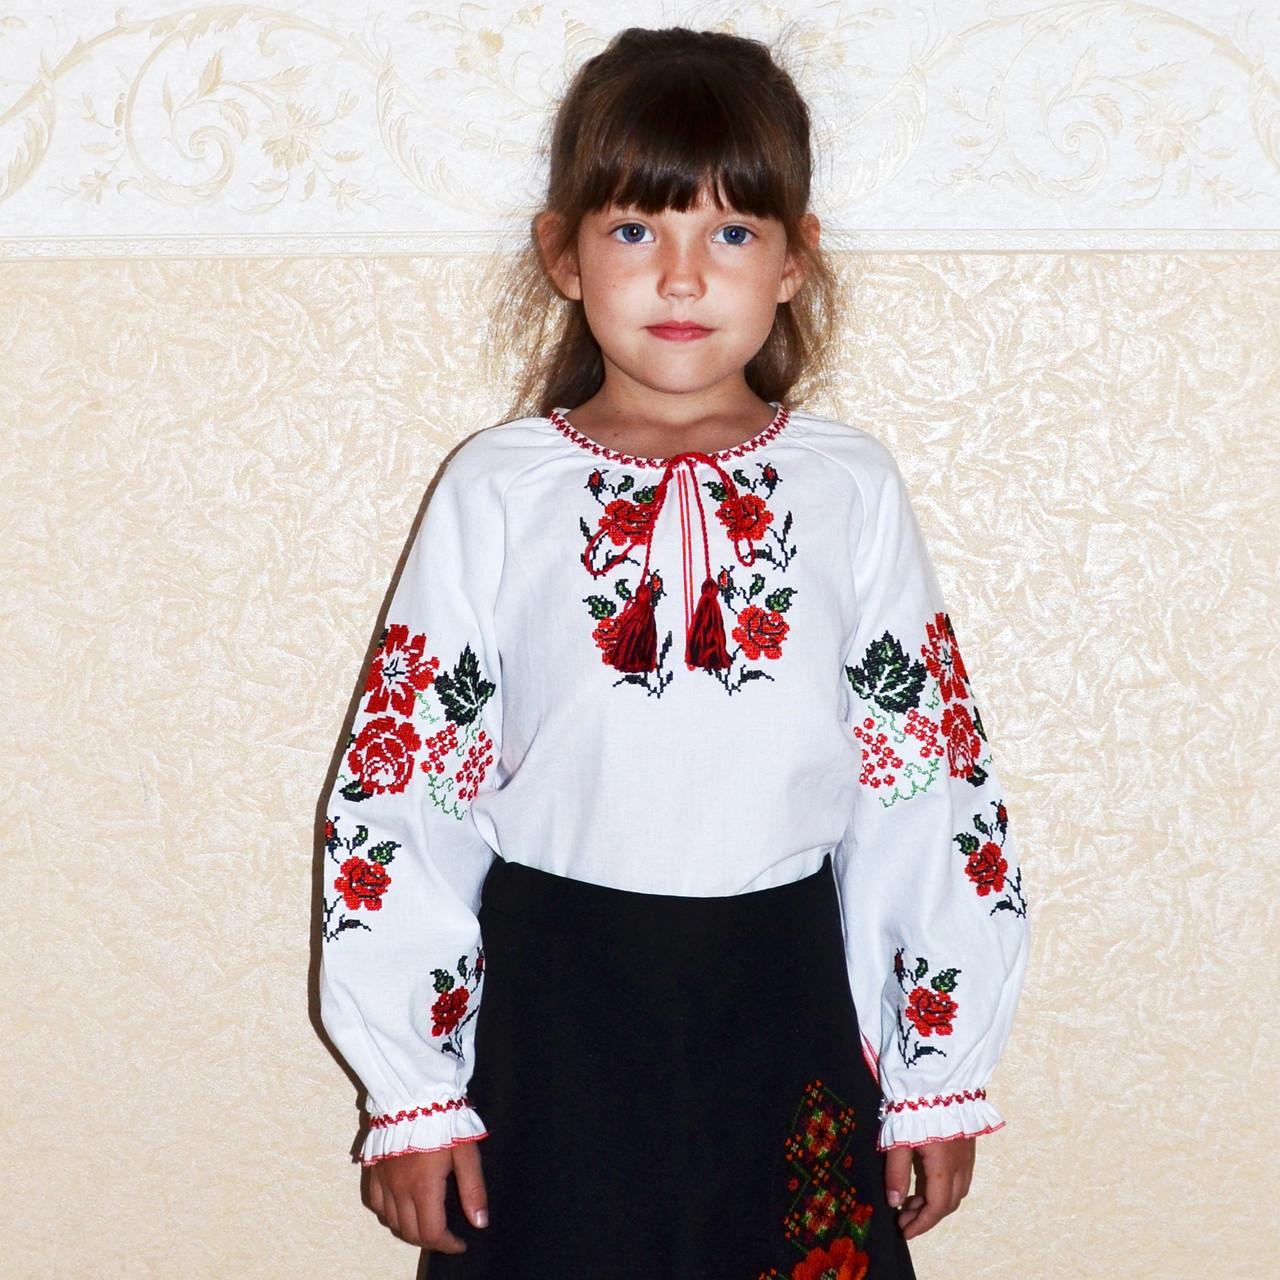 Вышиванка для девочки Калинка - vipdar.com.ua в Броварах a4f51d83dccc5